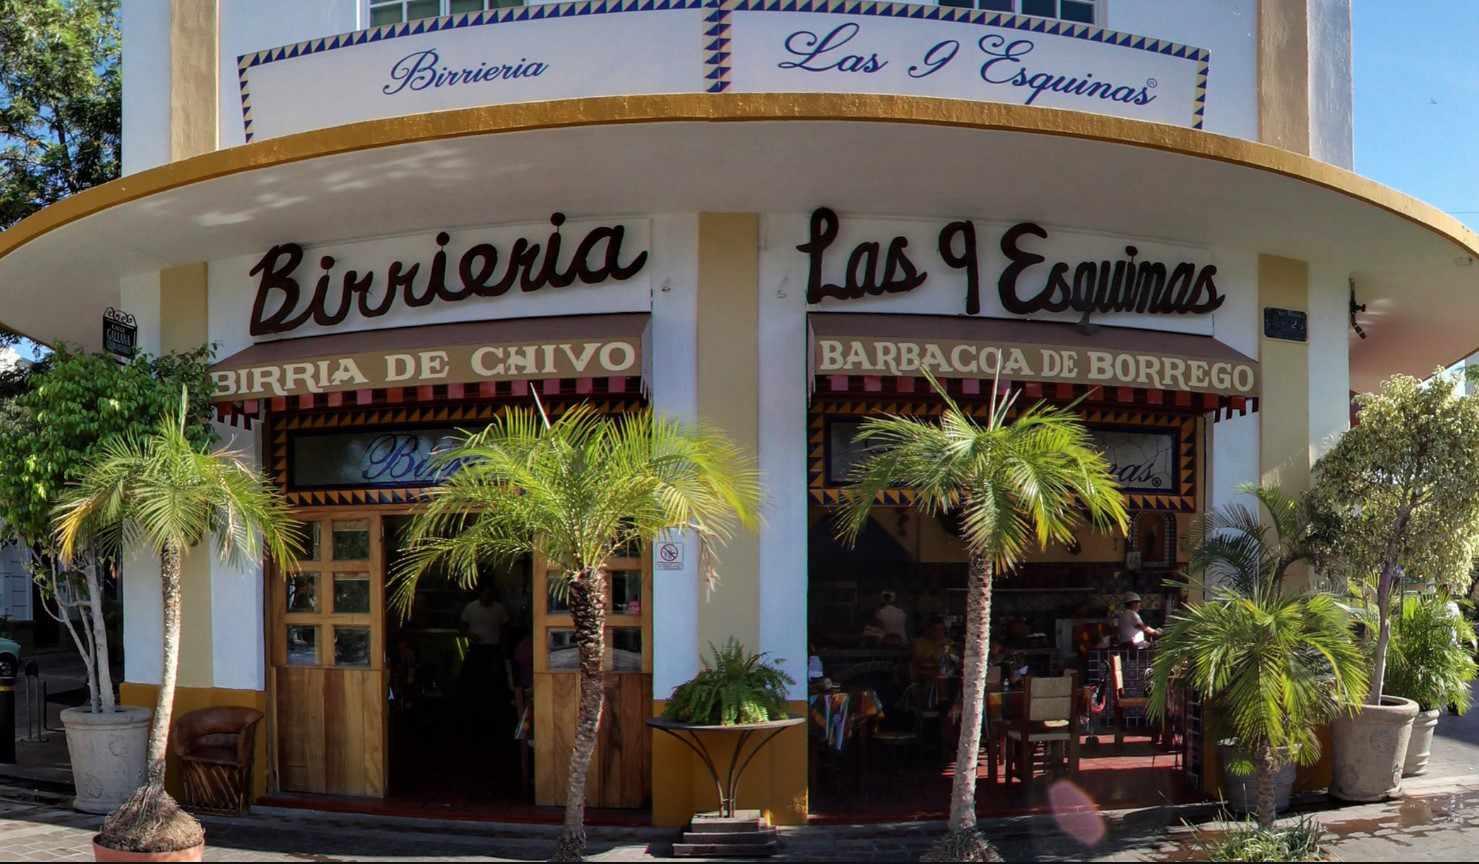 Exterior of Birrieria Las 9 Esquinas in Guadalajara